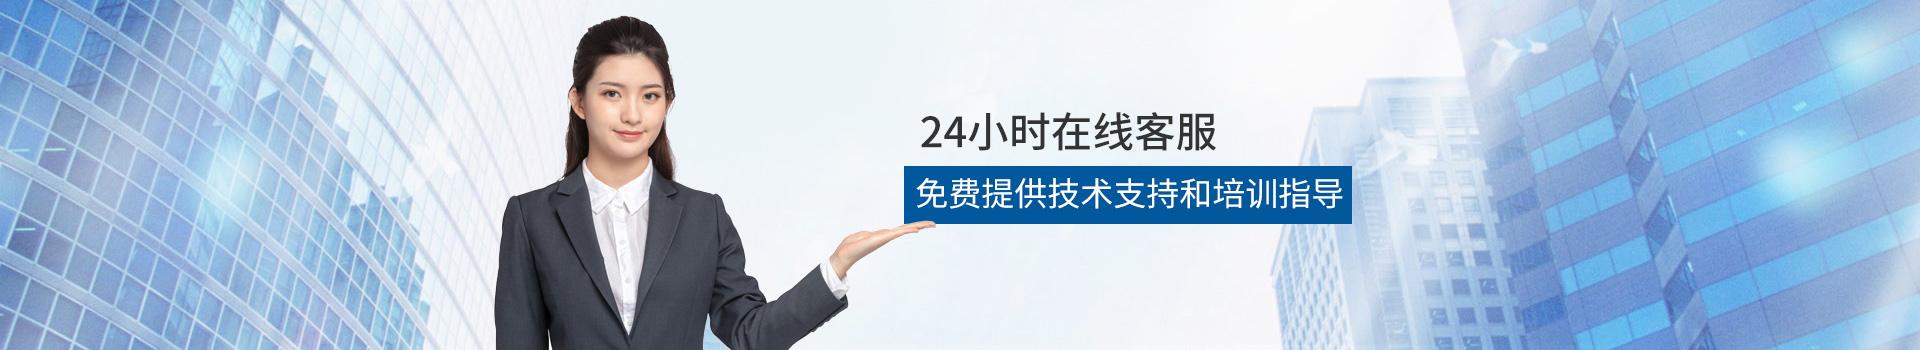 美亚24小时在线客服,免费提供技术支持和培训指导